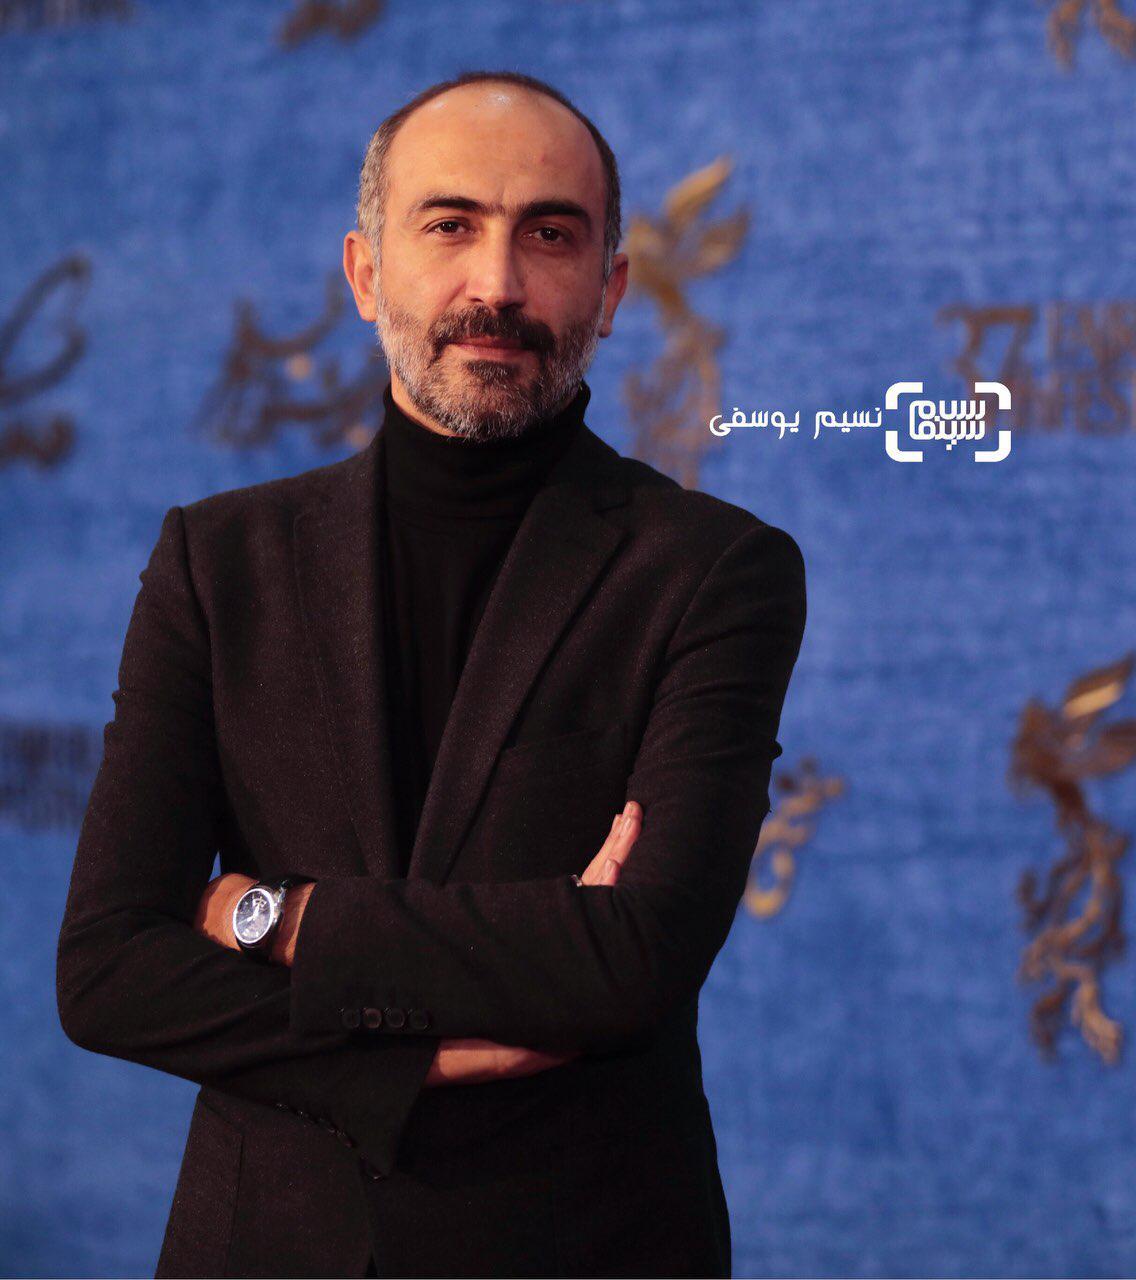 هادی حجازی فر گزارش تصویری اکران و نشست «ماجرای نیمروز: رد خون»/جشنواره فجر 37